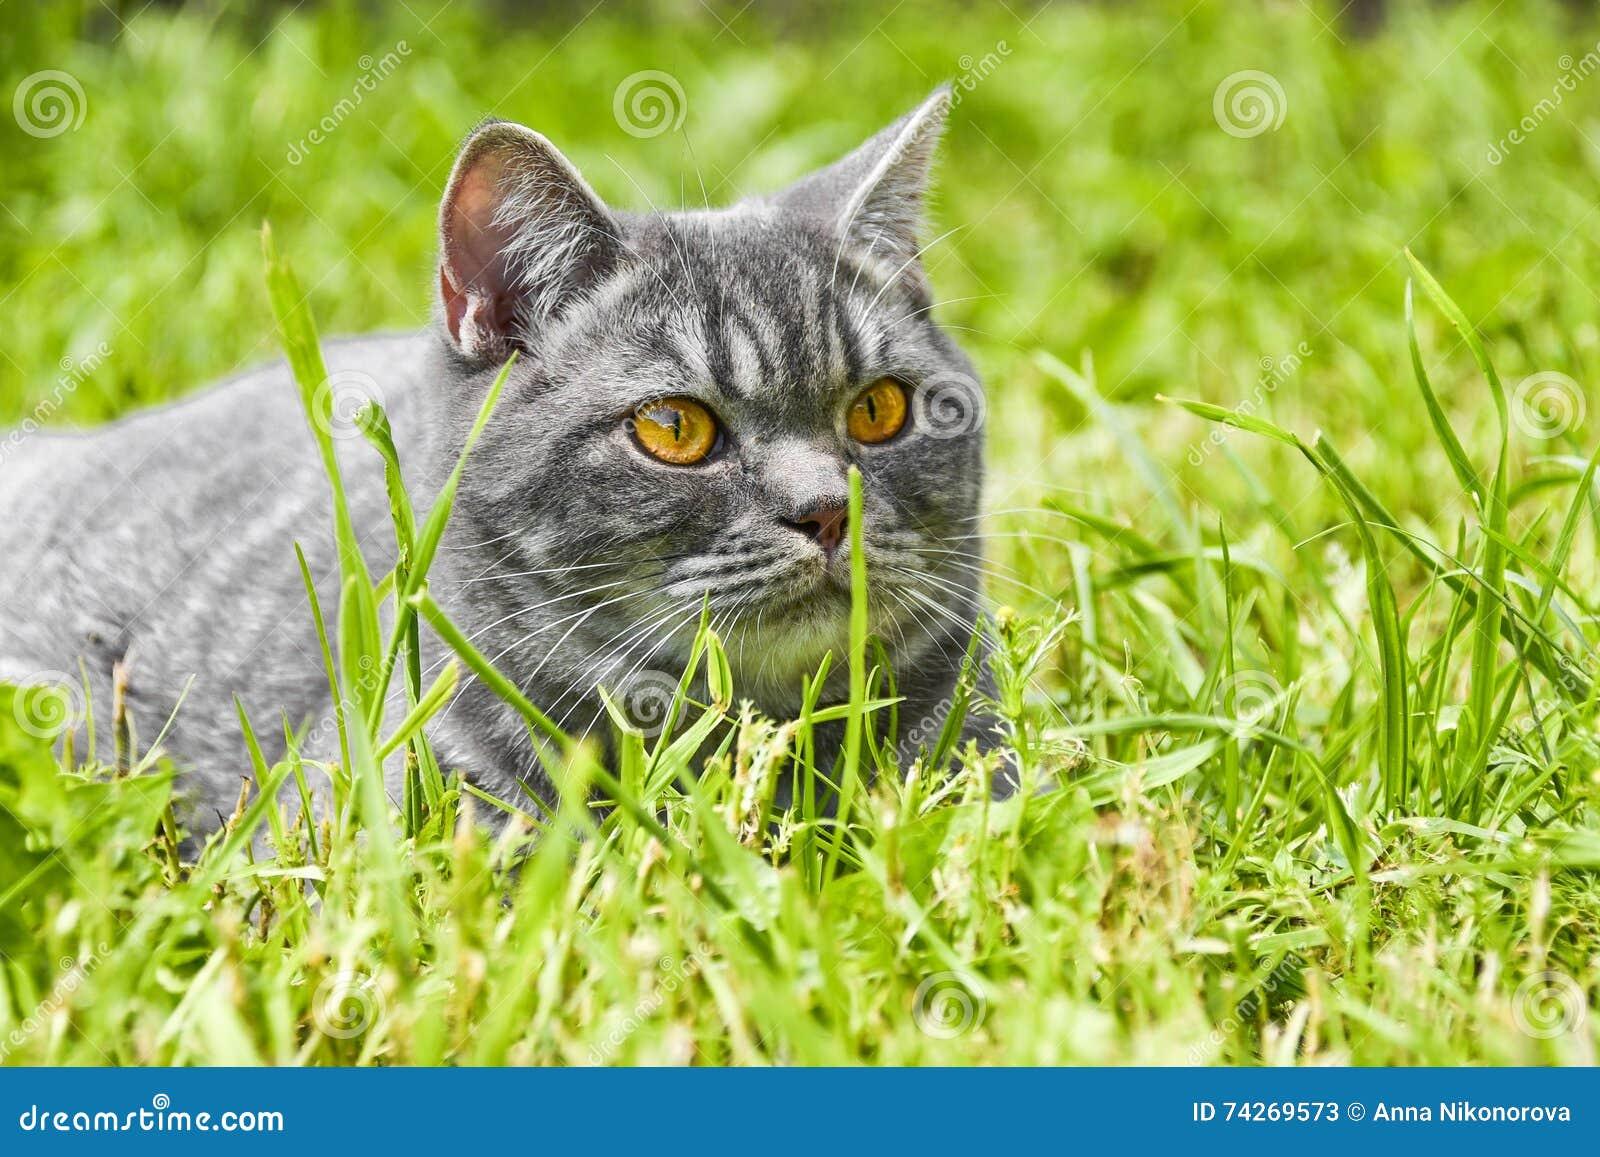 Lovely British kitten in a green grass